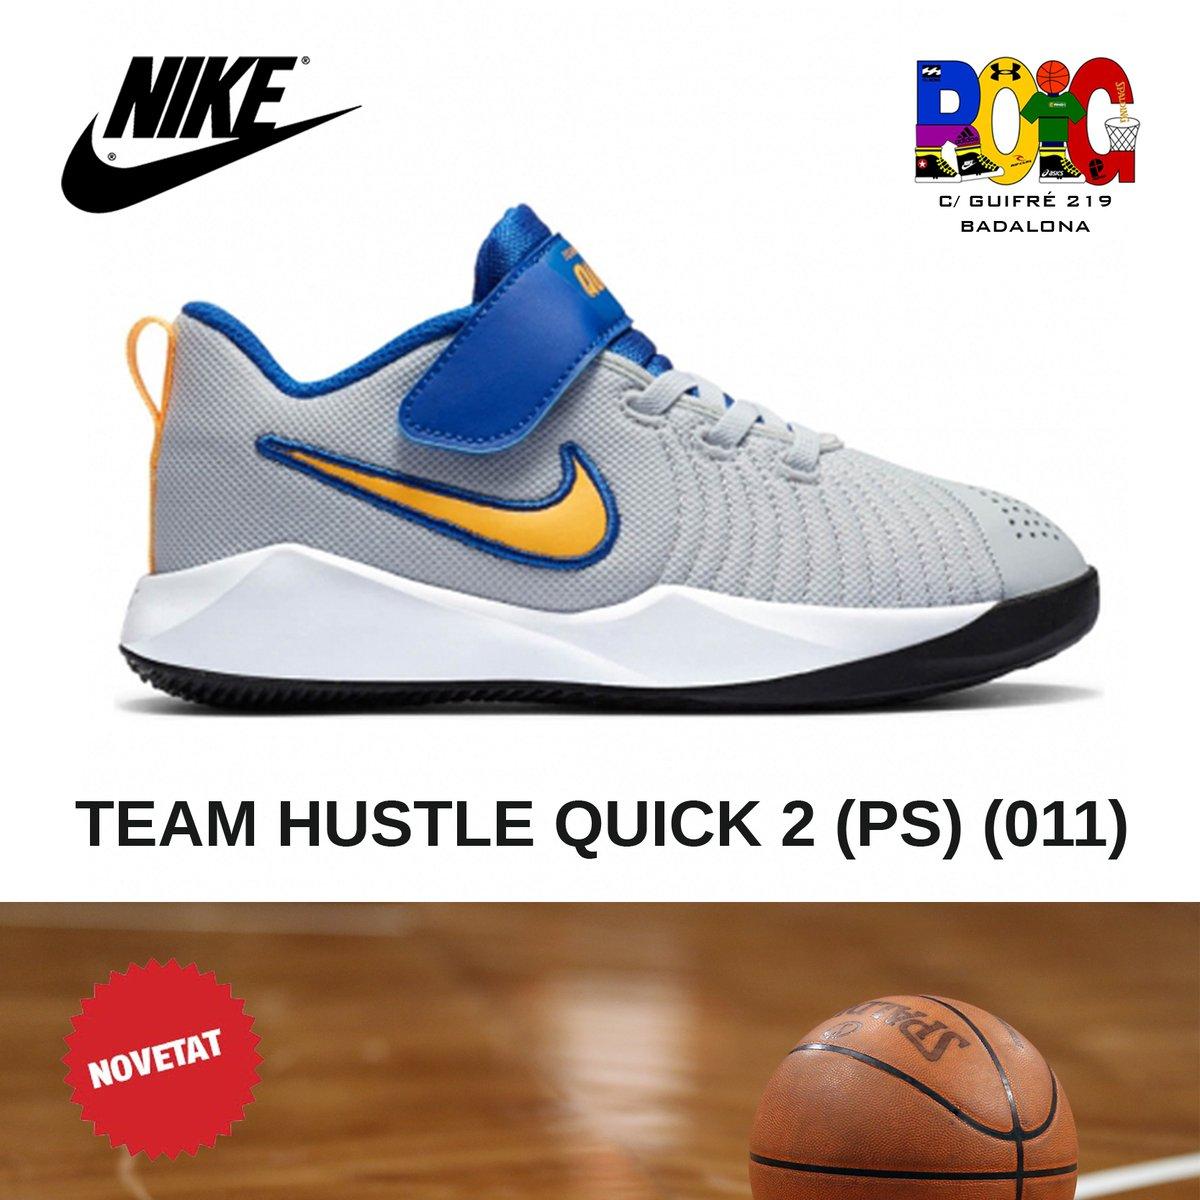 📢 NOVETATS en vambes 👟 de bàsquet 🏀️ junior: les Nike TEAM HUSTLE QUICK 2 (PS) (011) Disponibles a la botiga o a la web 💻 en https://t.co/mBc11xqsCd #nike #bàsquet #jordiroig #badalona https://t.co/bvYjOUM4s9